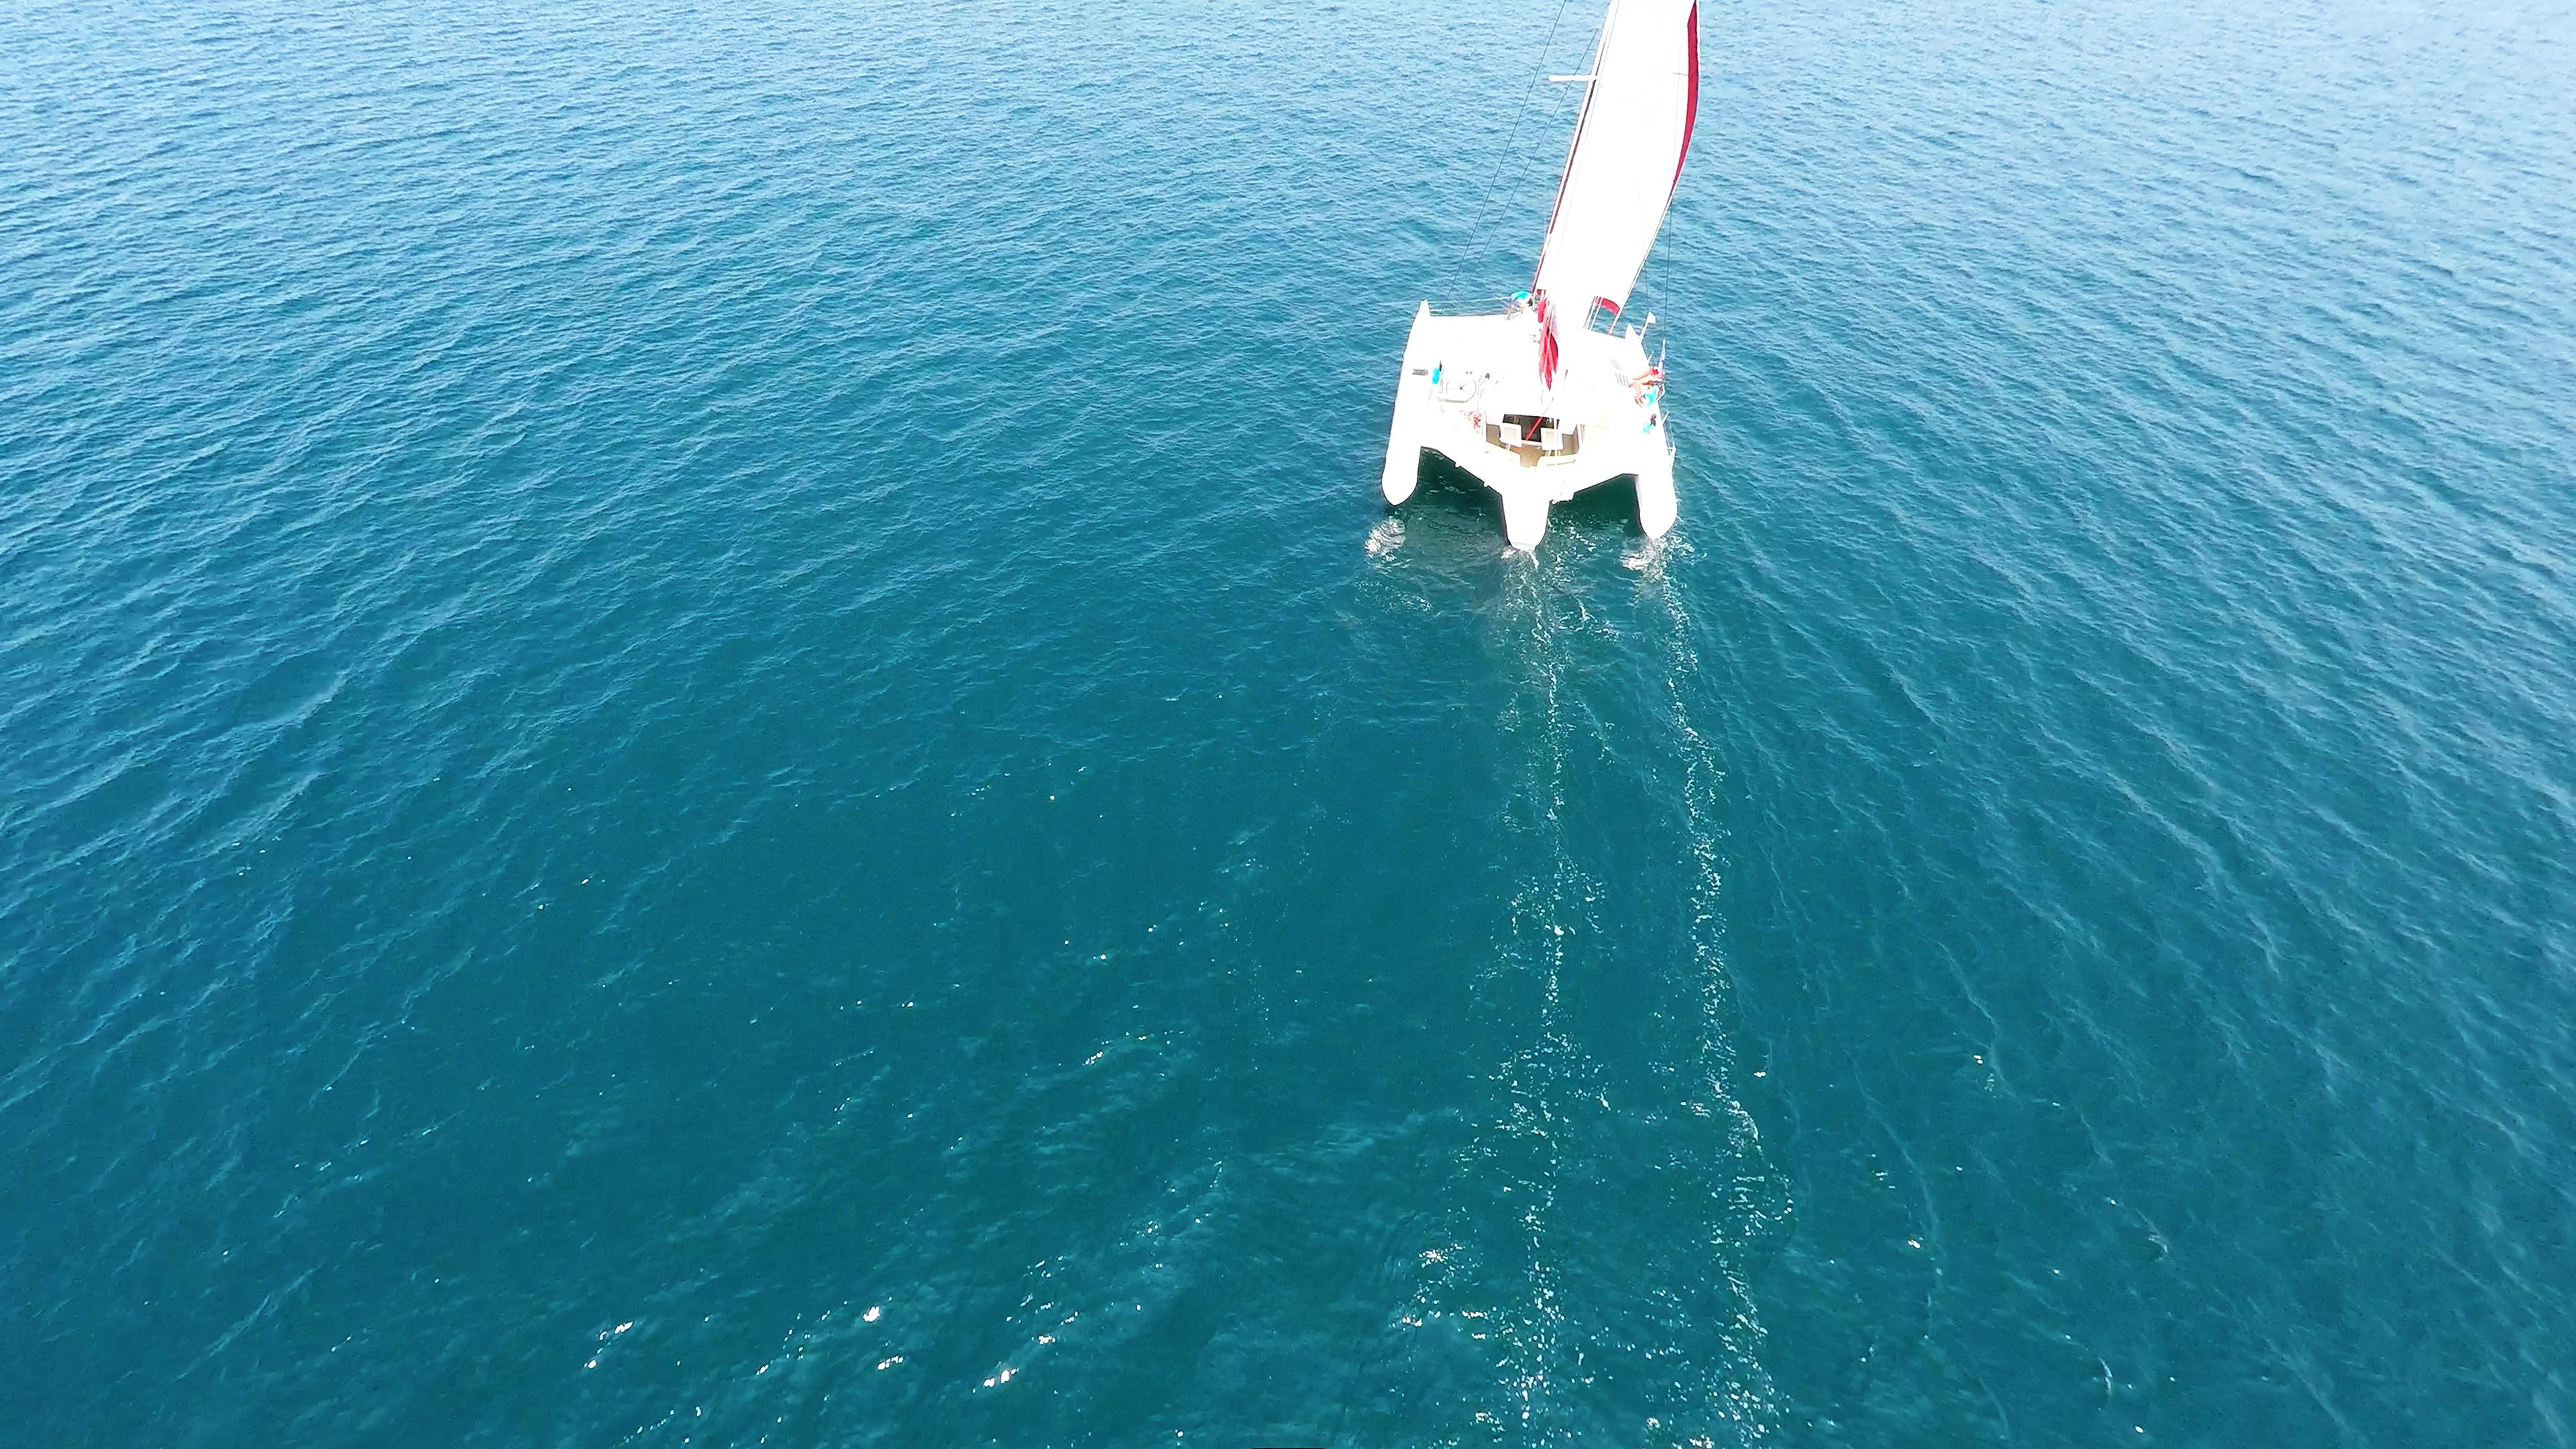 multiscafo trimarano barca a vela